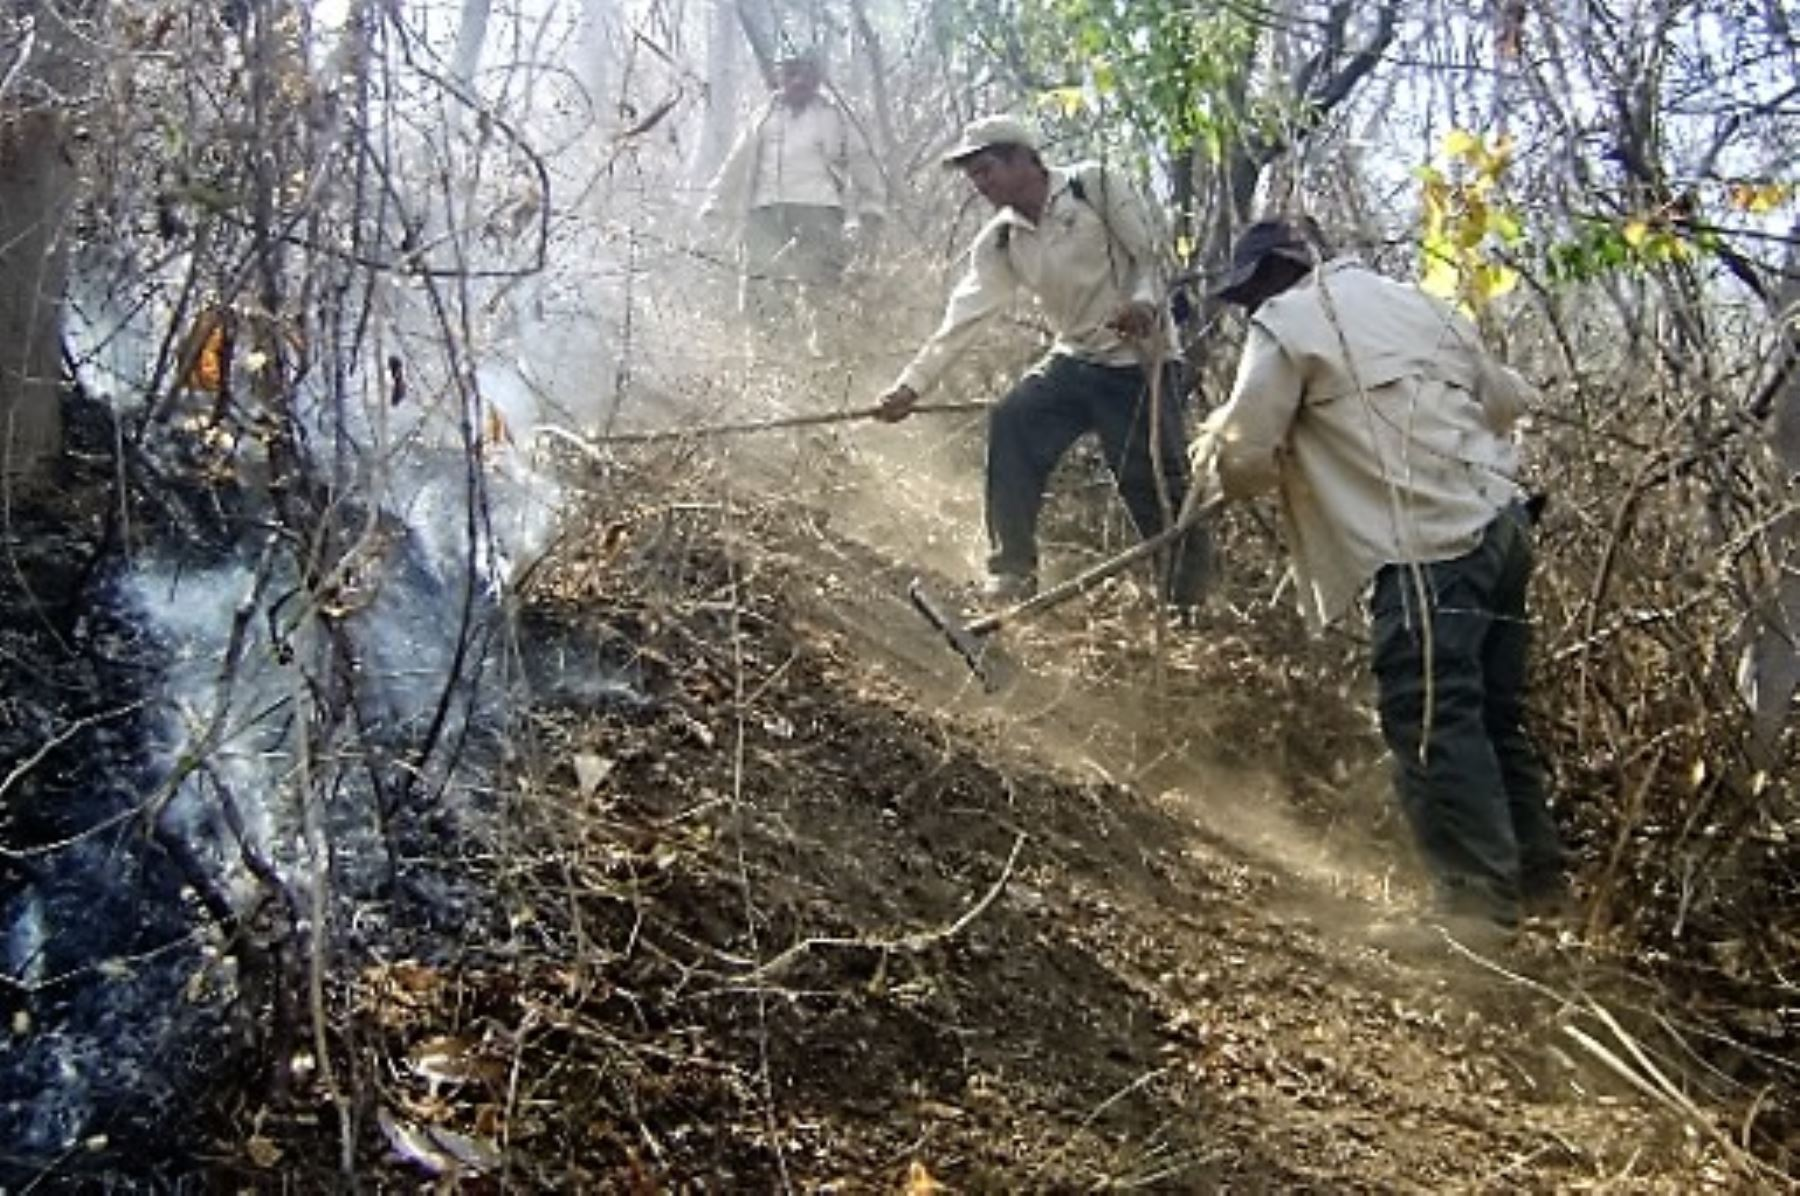 El incendio forestal que se produjo en la víspera en la localidad de Qatun Pata, distrito de Surcubamba, provincia de Tayacaja, región Huancavelica, fue controlado esta mañana por los pobladores y propietarios de los terrenos de la zona, informó el Instituto Nacional de Defensa Civil (Indeci). ANDINA/Difusión